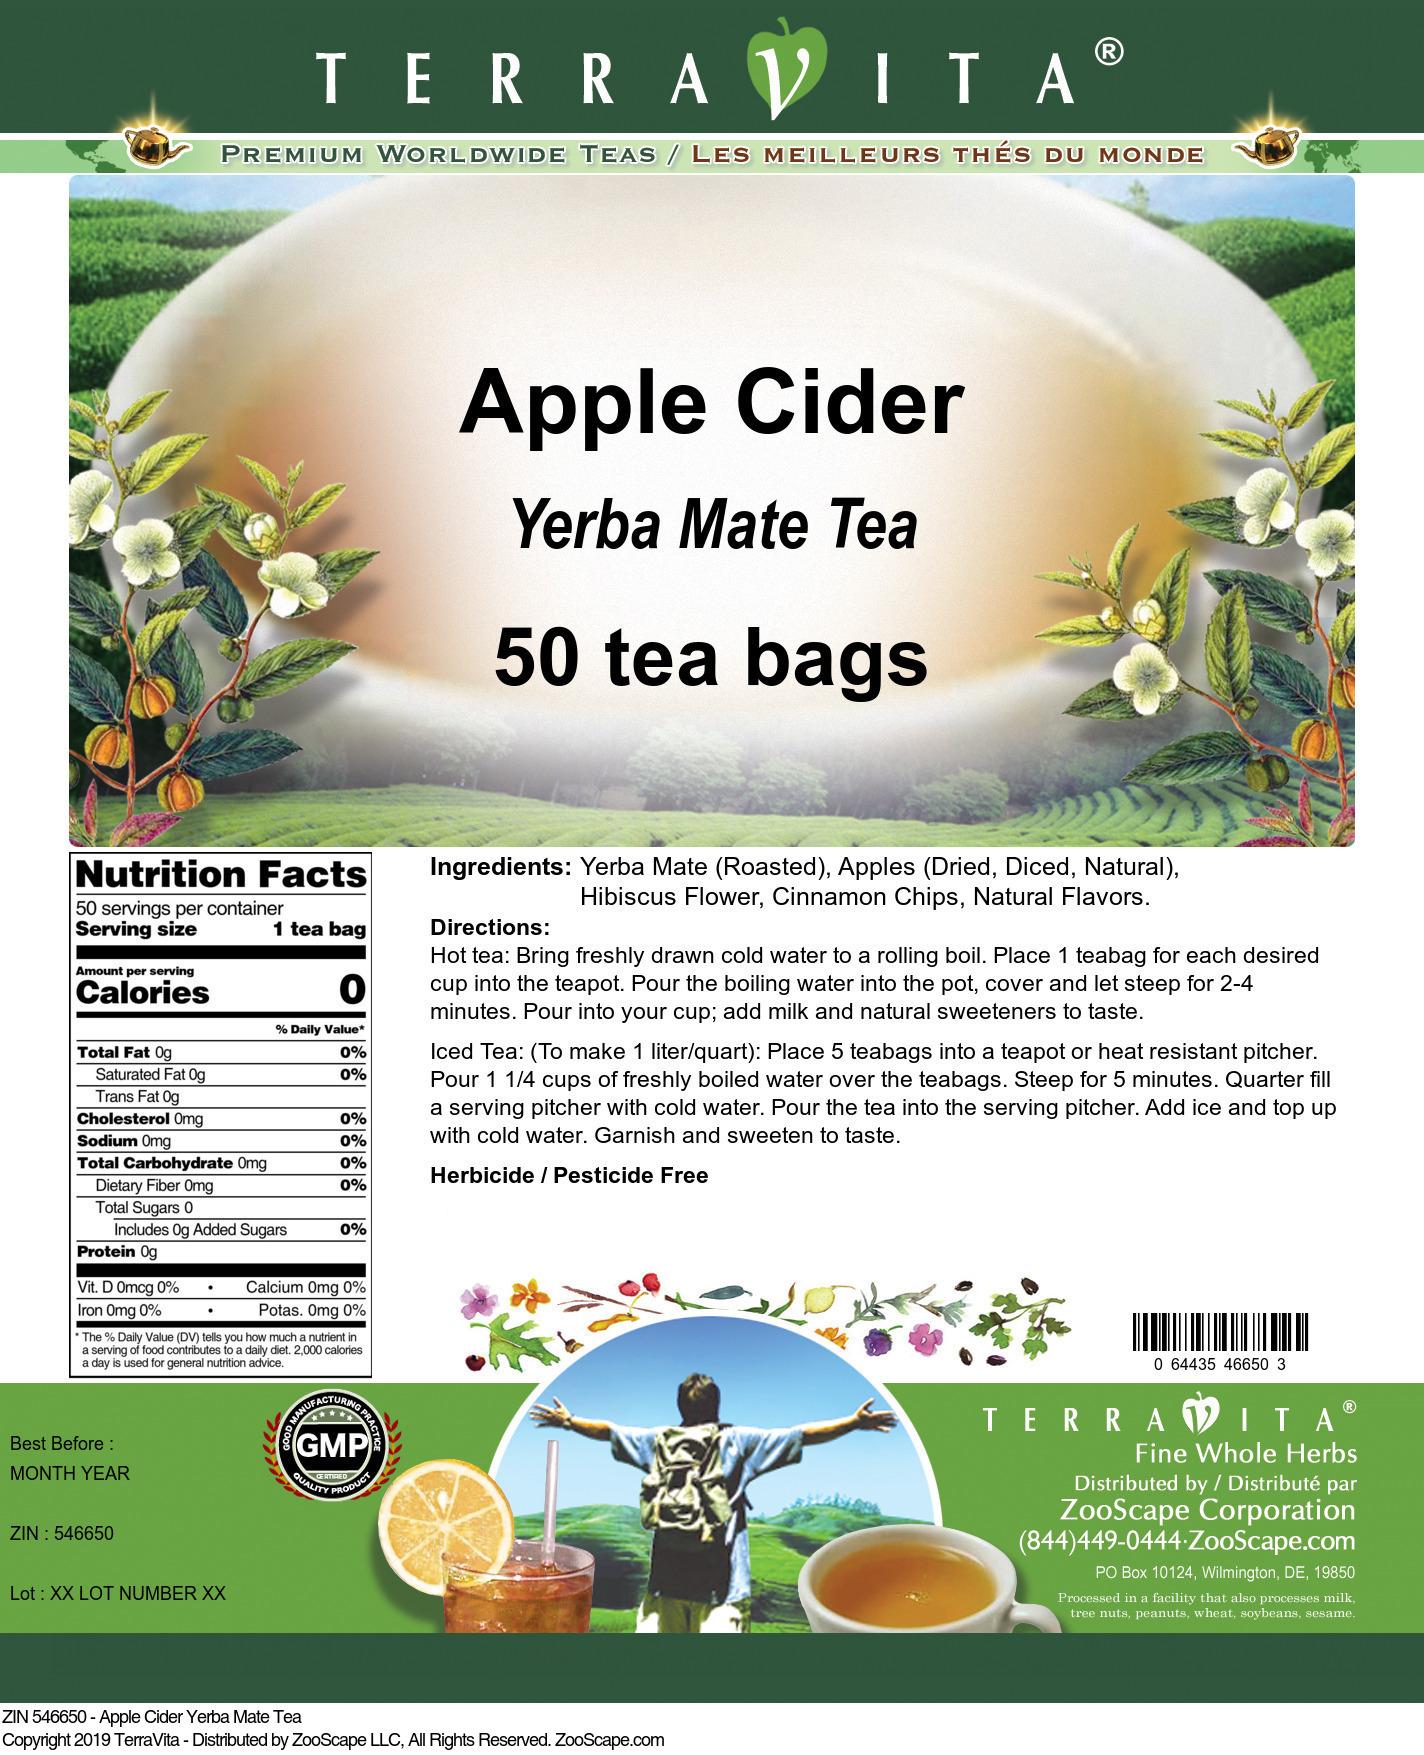 Apple Cider Yerba Mate Tea